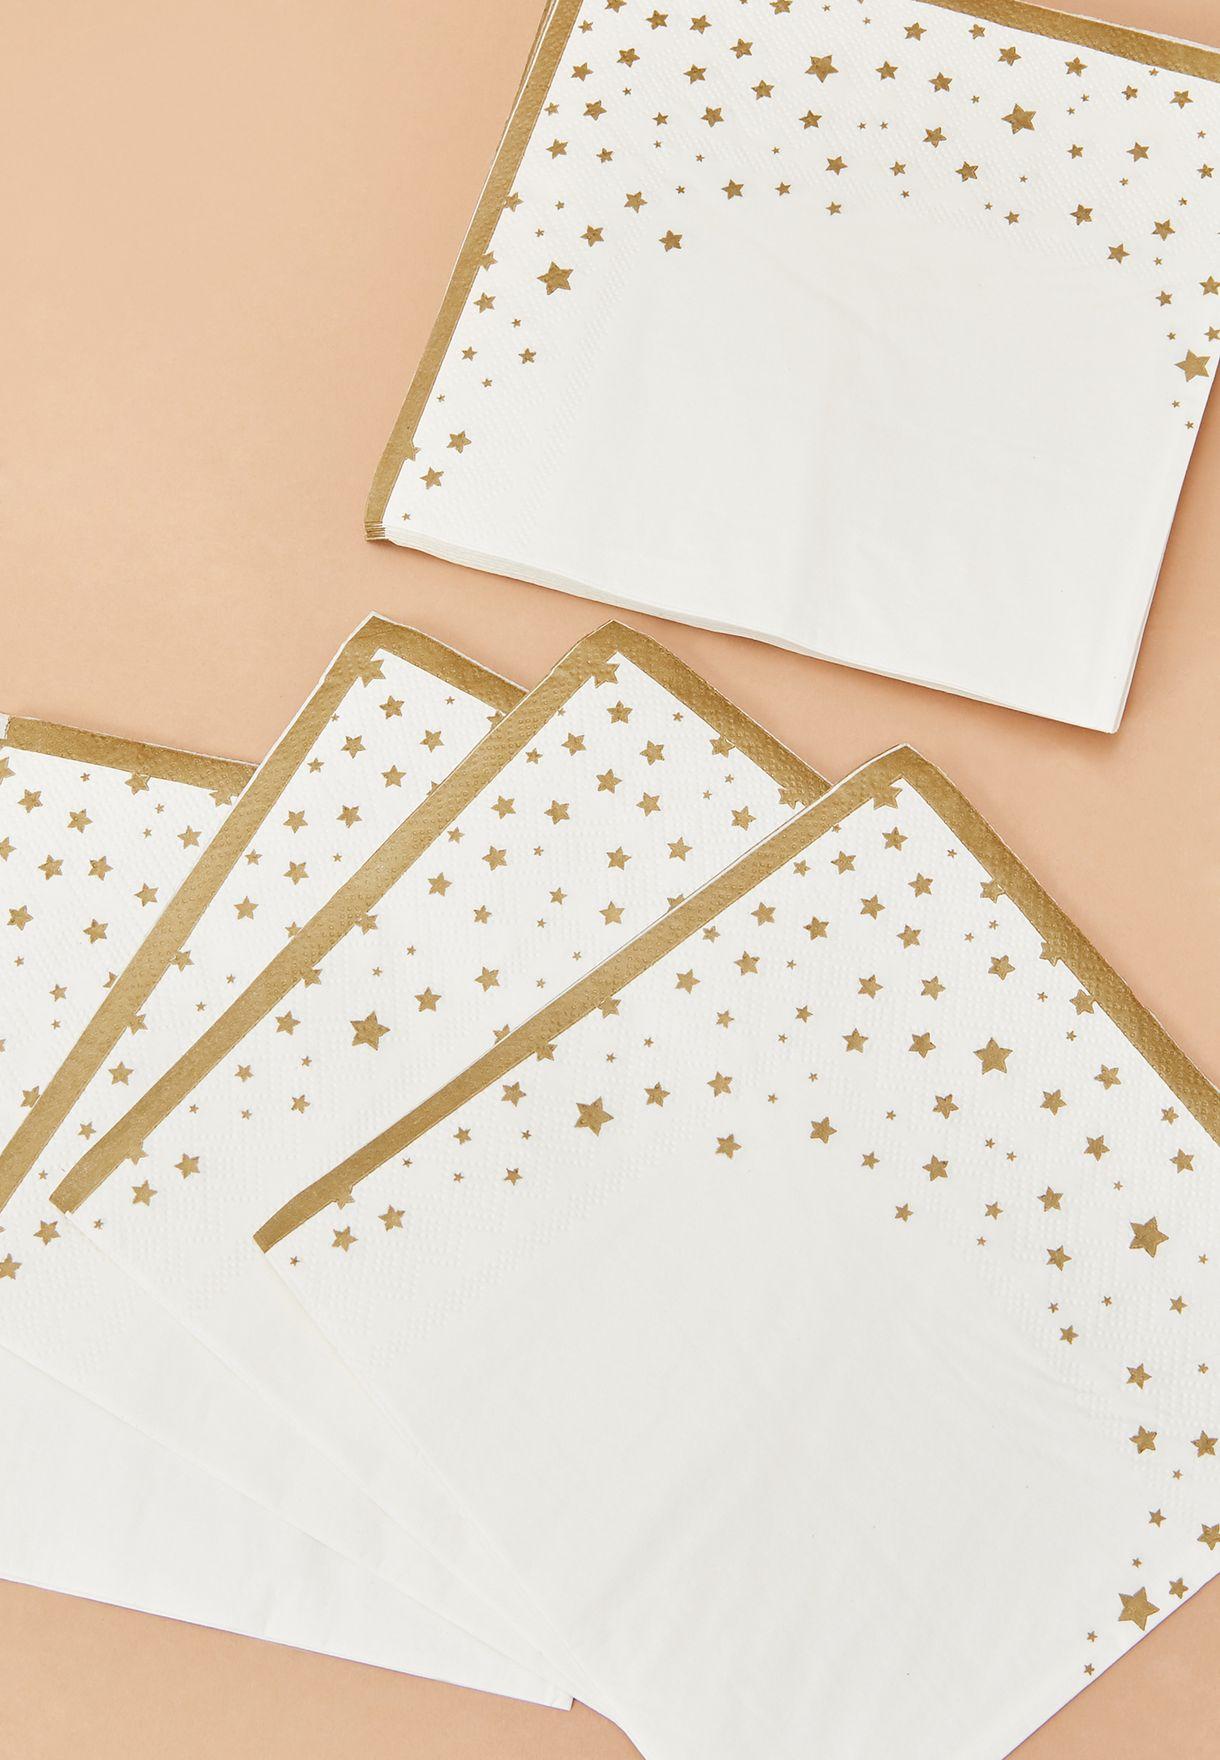 مجموعة من 16 منشفة بطبعات نجوم